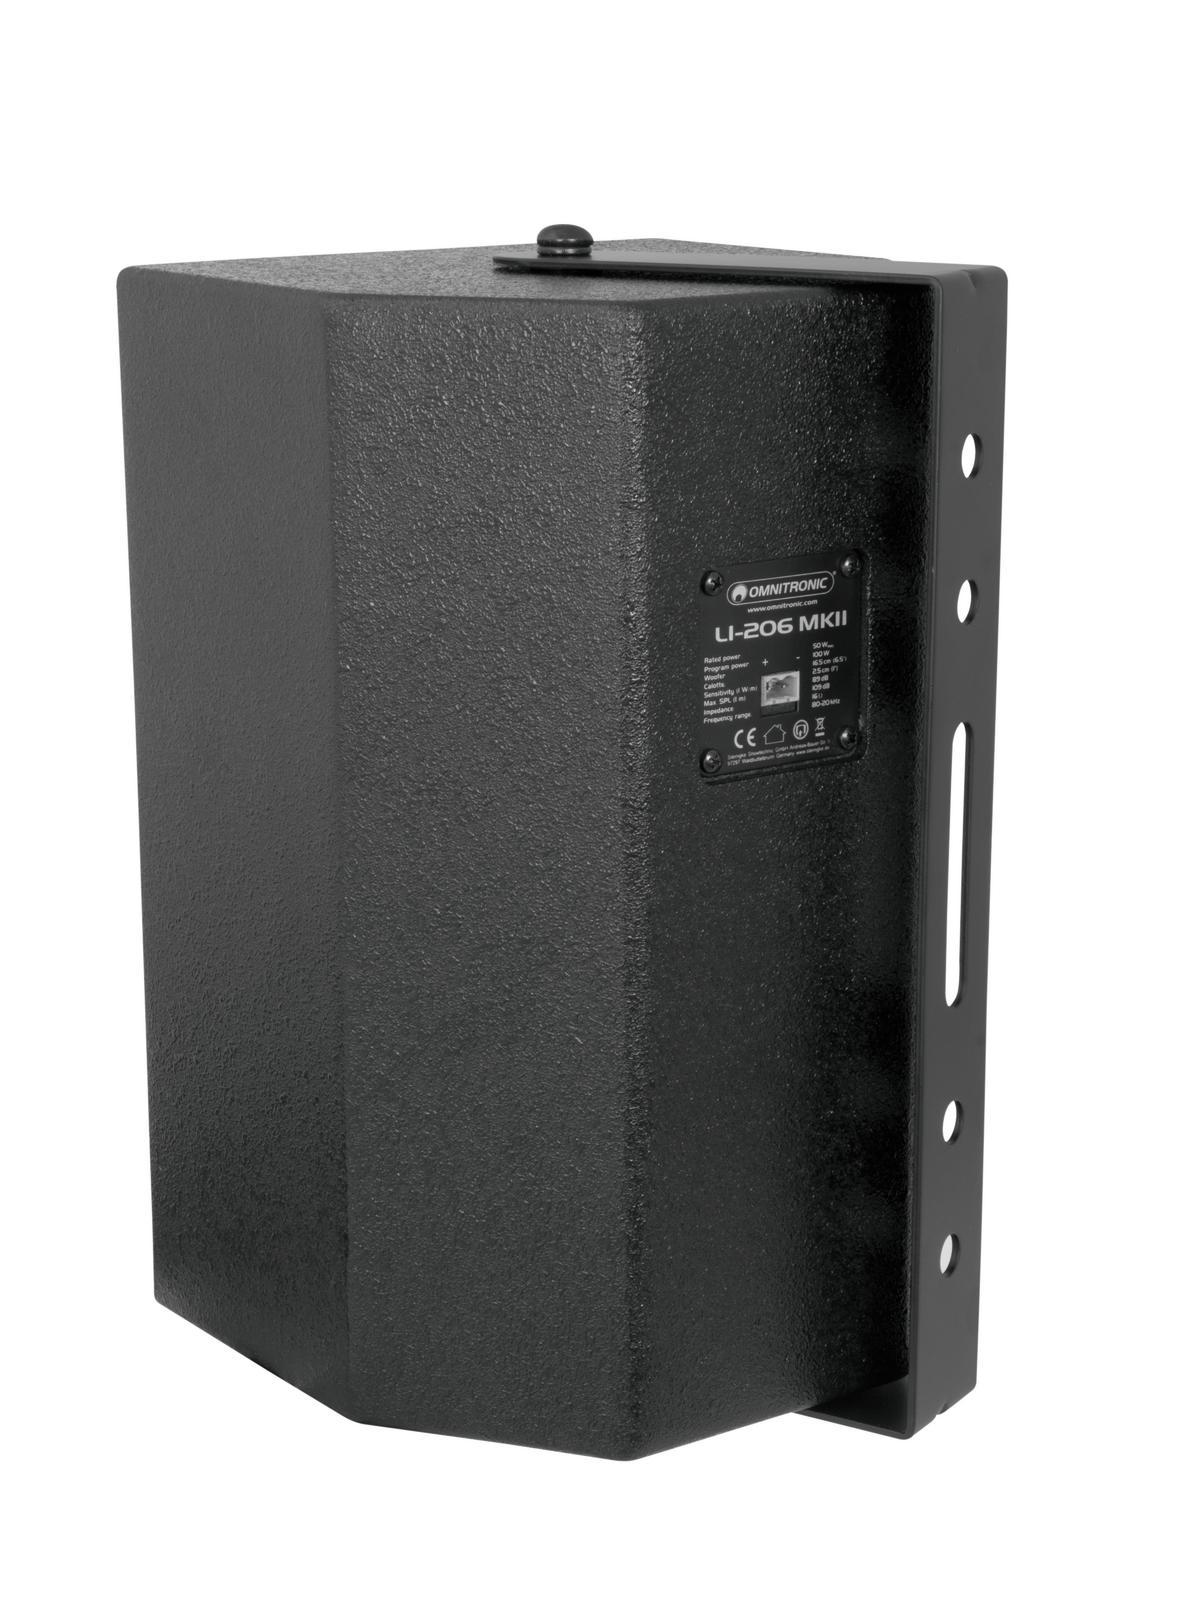 OMNITRONIC LI-206B MK2 2-Wege-Top